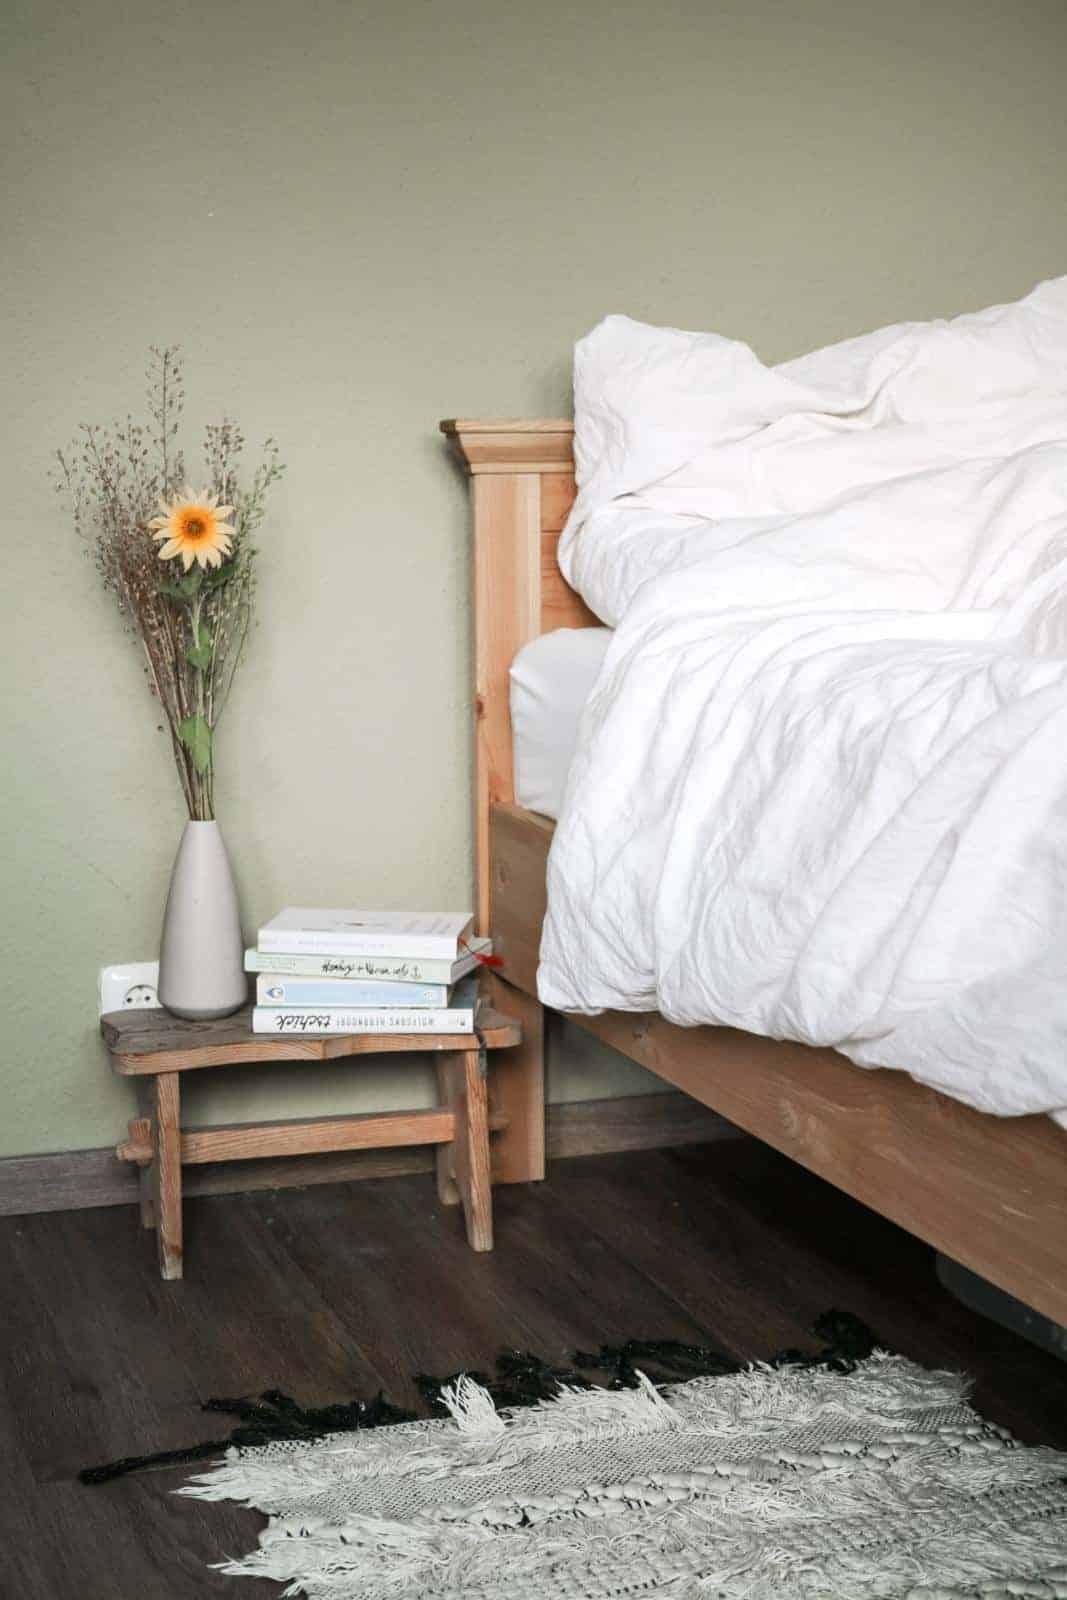 seit1832 nachhaltige Bettwäsche weiß neben Nachttisch mit Büchern